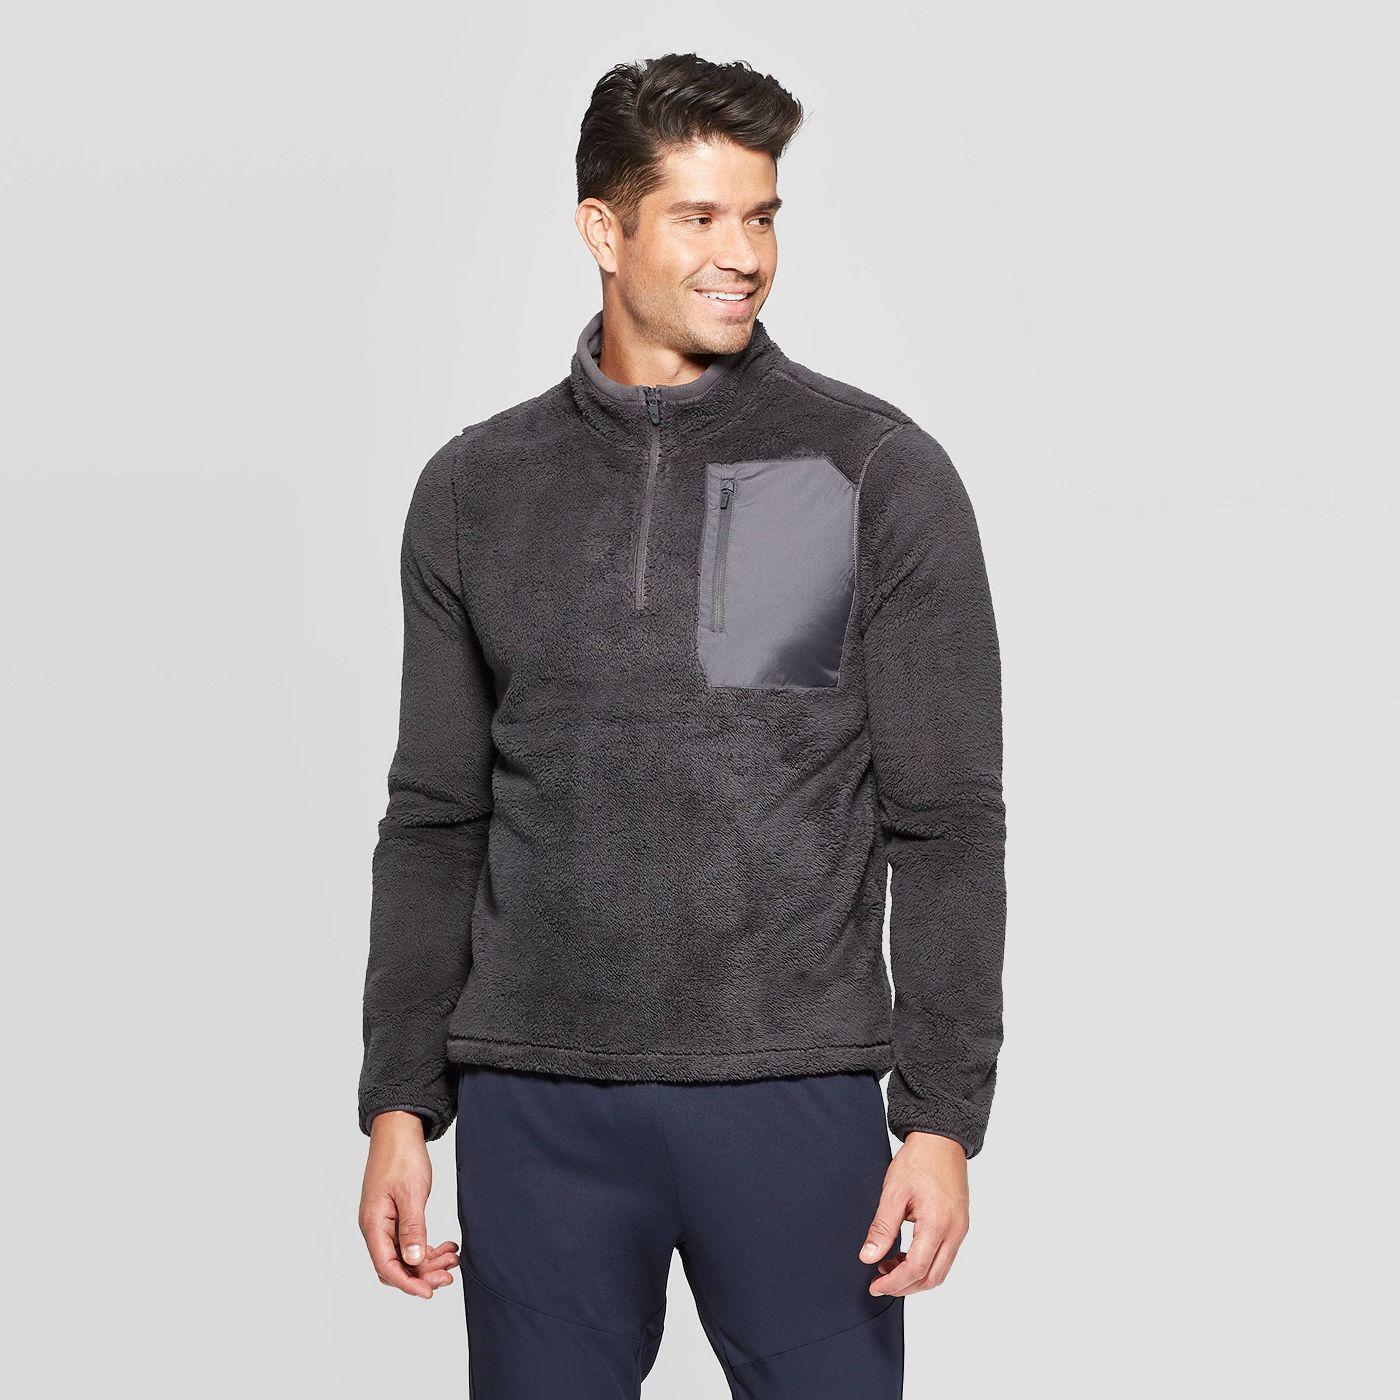 C9 Champion Men's Fleece 1/4 Zip Shell Jacket